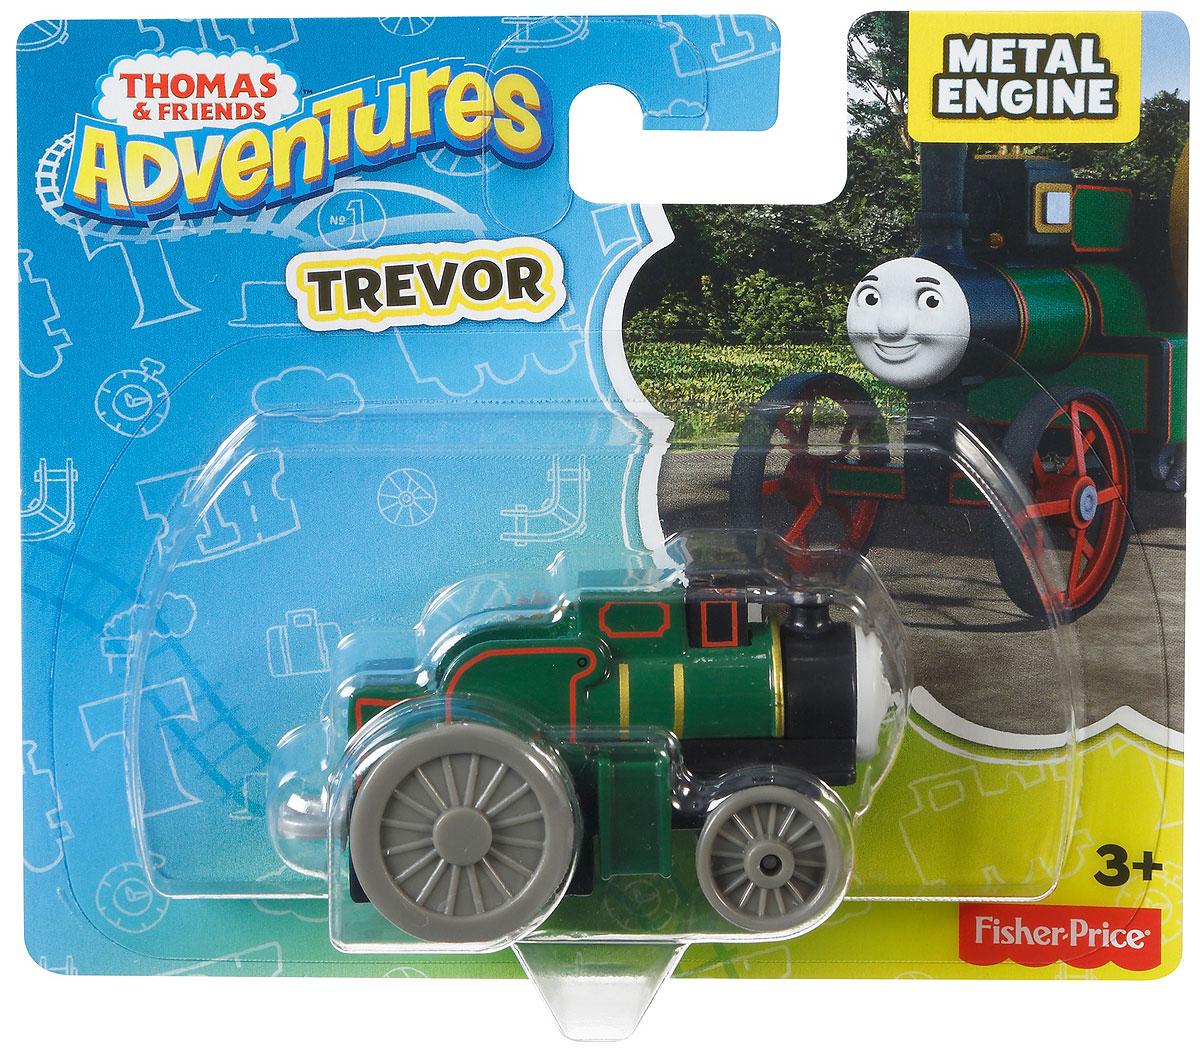 Thomas & Friends Паровозик ТреворDWM28_DXR90Коллекция надежных литых поездов Томас и его друзья с пластиковыми креплениями, чтобы соединять с другими поездами или тендерами из серии Приключения Томаса и его друзей. Идеально для использования с поездами, трассами и наборами Приключения Томаса и его друзей (продаются отдельно, наличие не гарантировано). Помогает развивать крупную моторику и восприятие, развивает воображение.